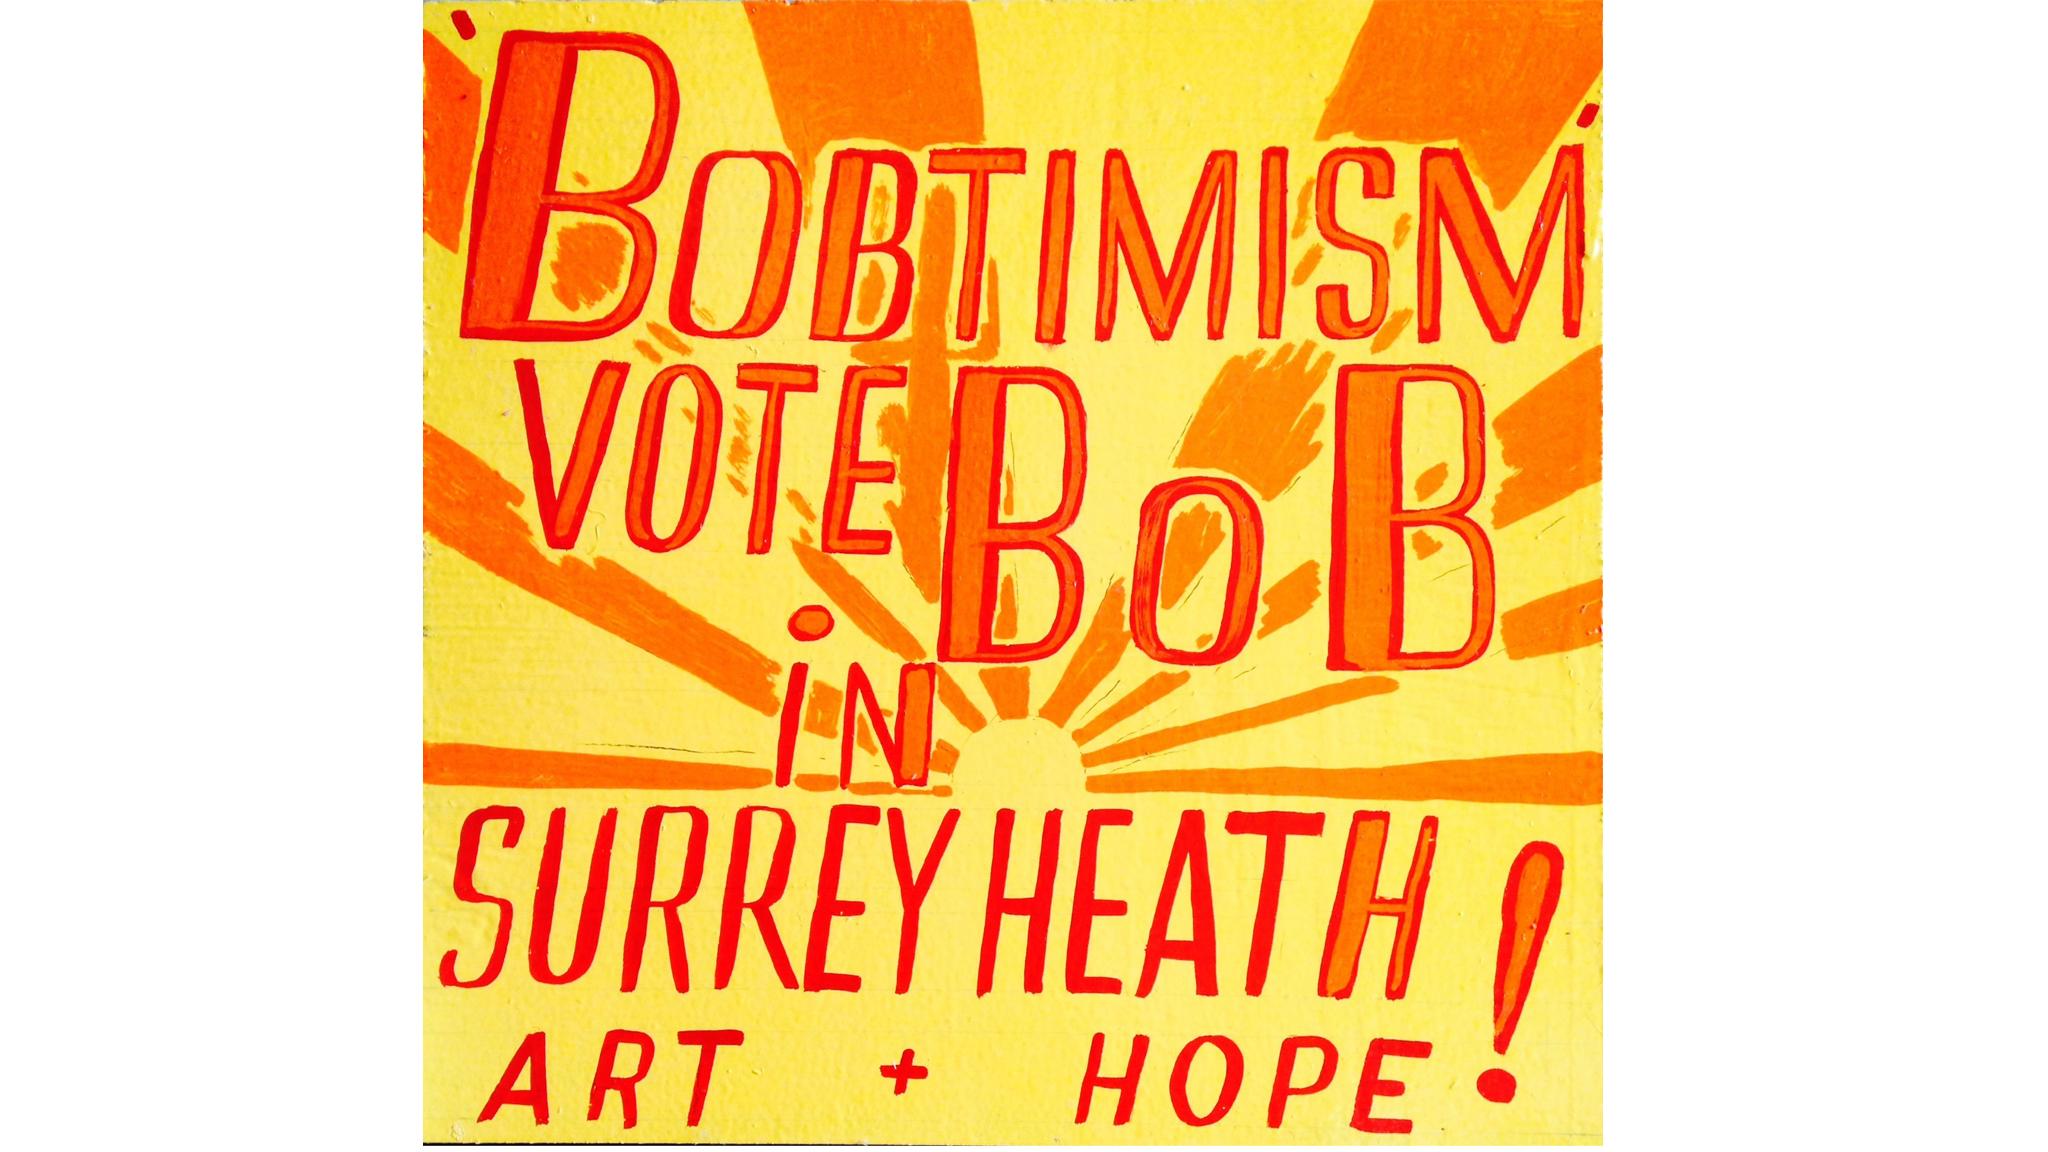 Bob and Roberta Smith